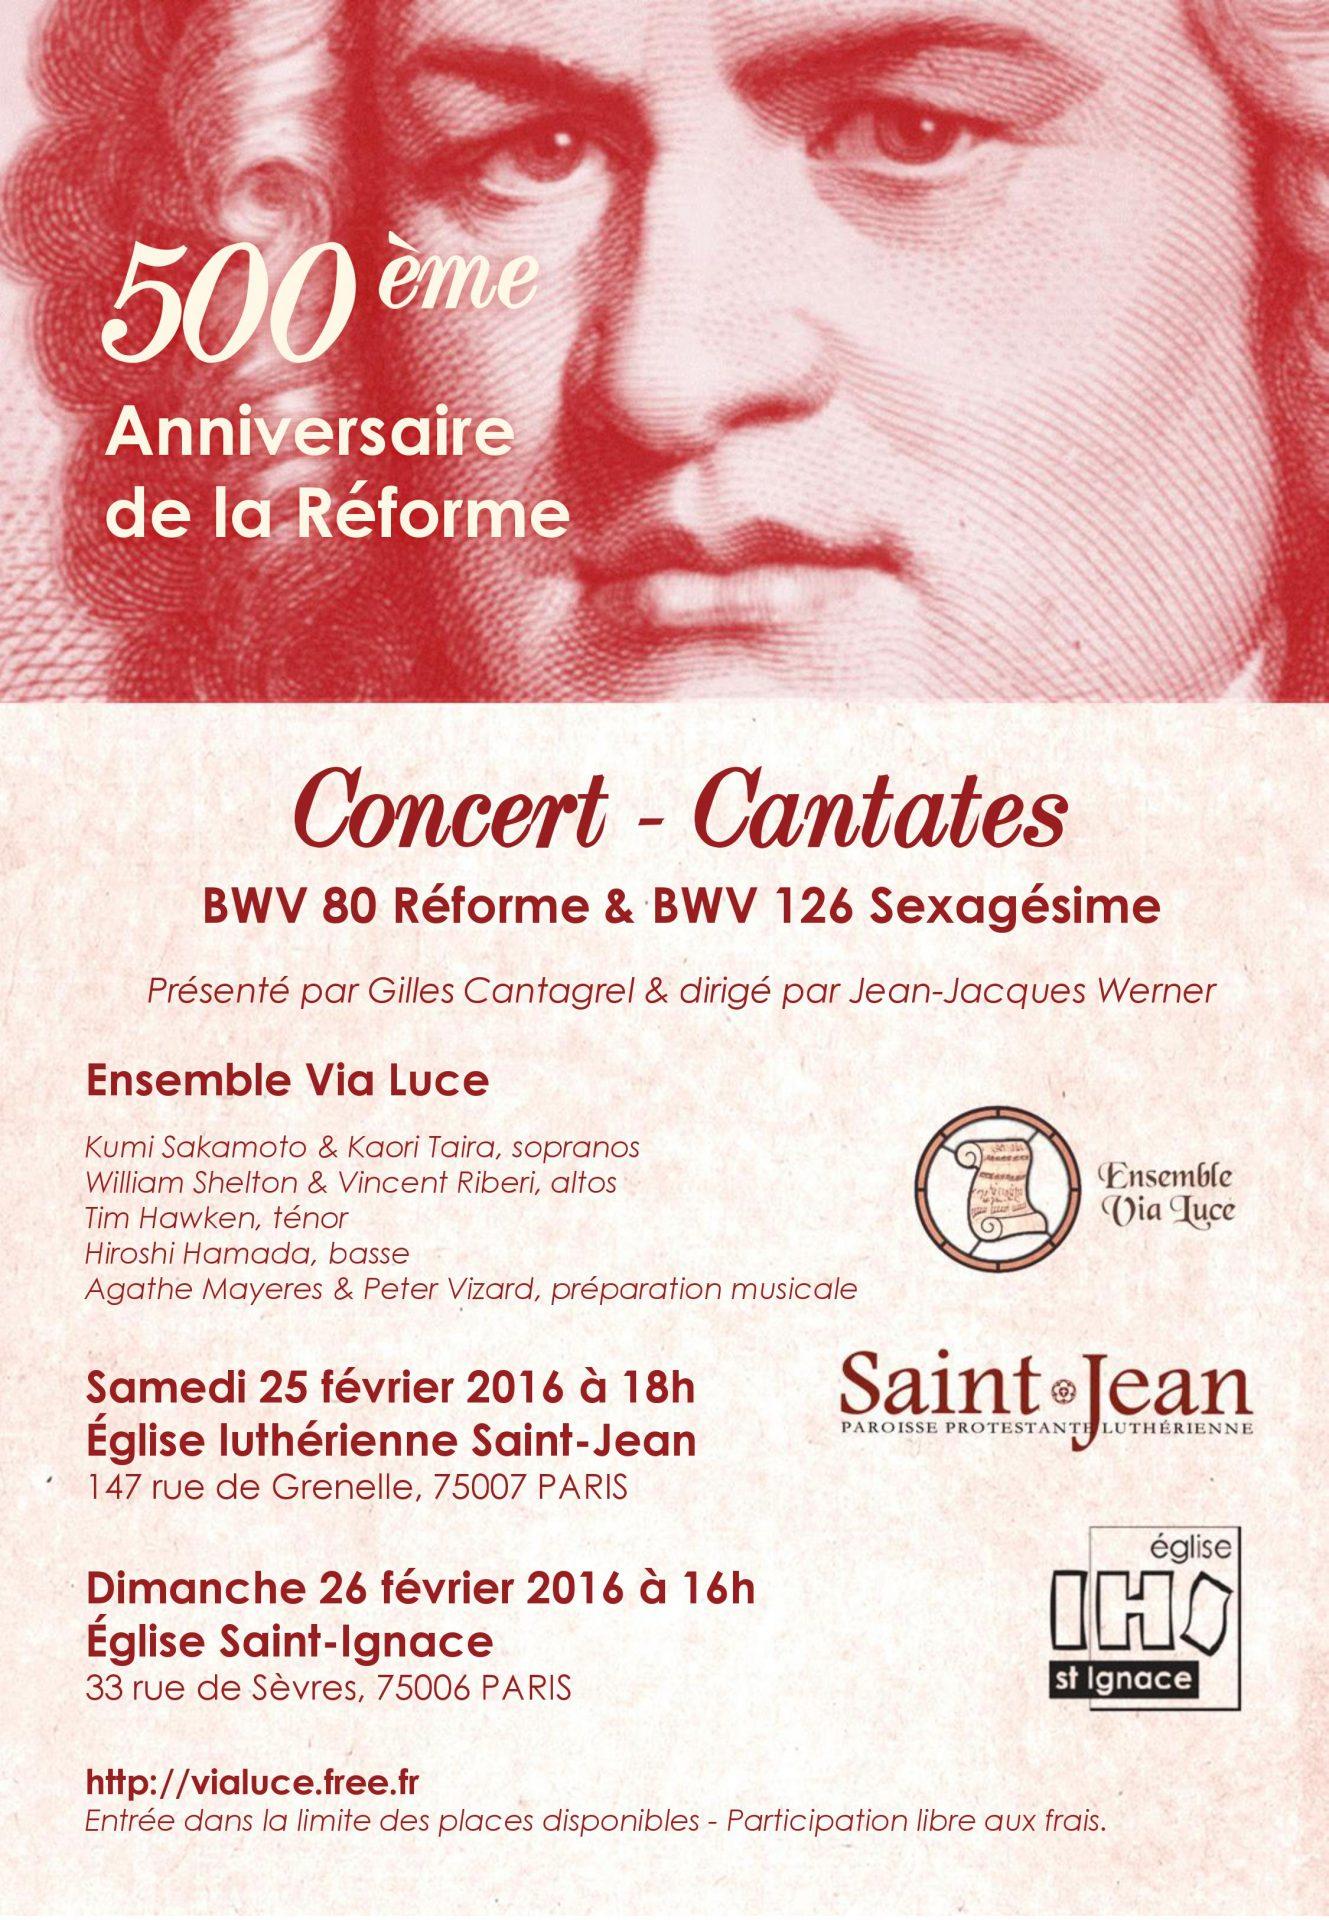 Concert Cantates Via Luce 25 février 2017